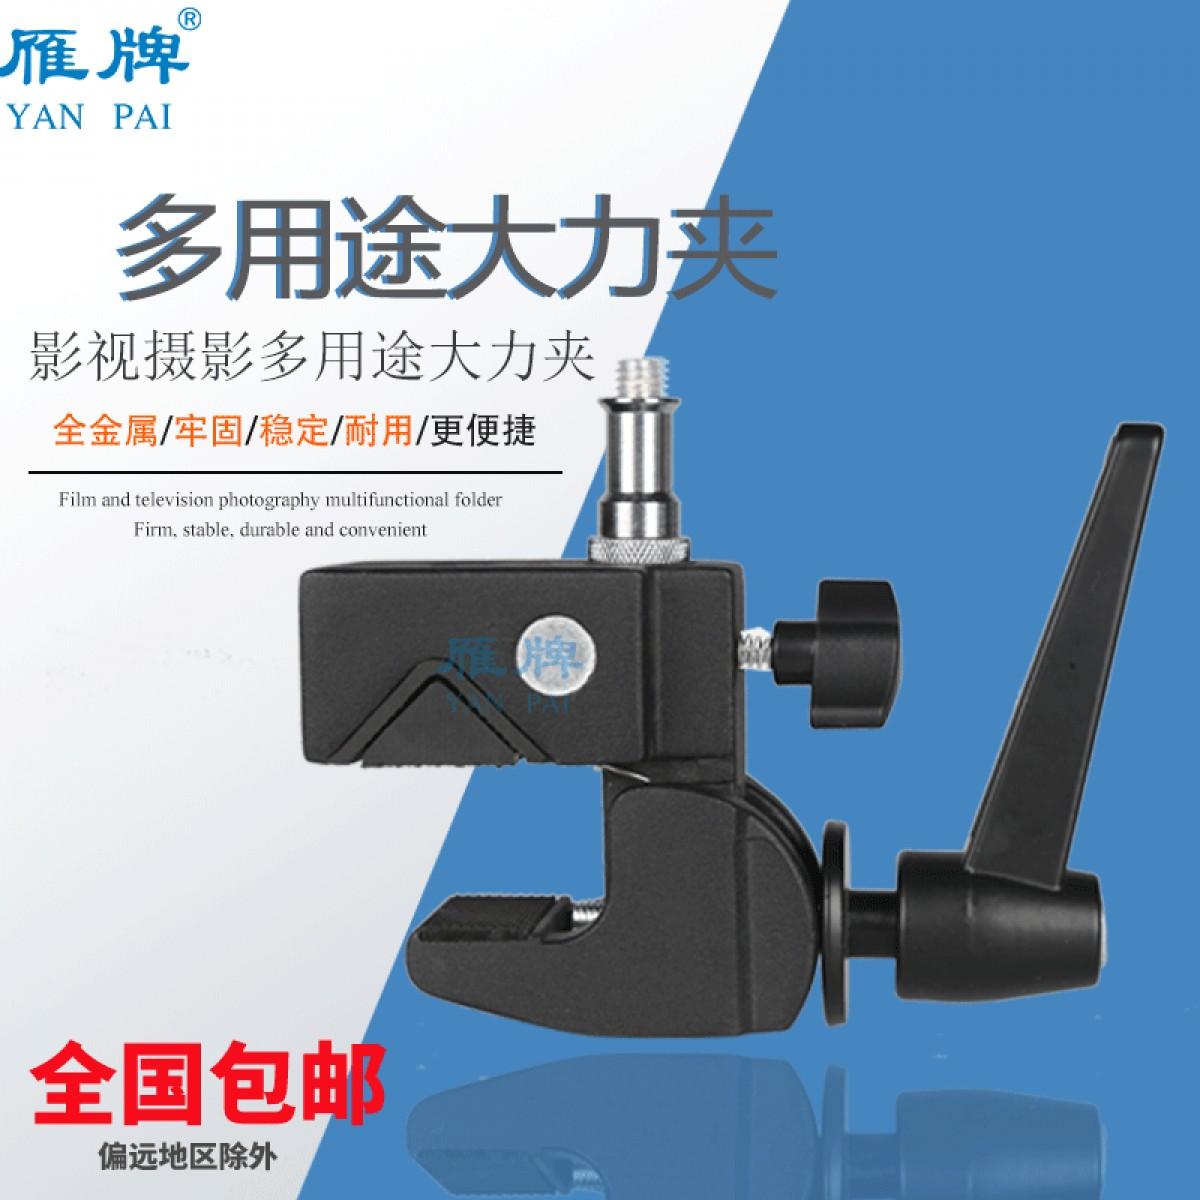 雁牌影视摄影摄像多功能鹰爪管型夹大力夹多用途C型夹